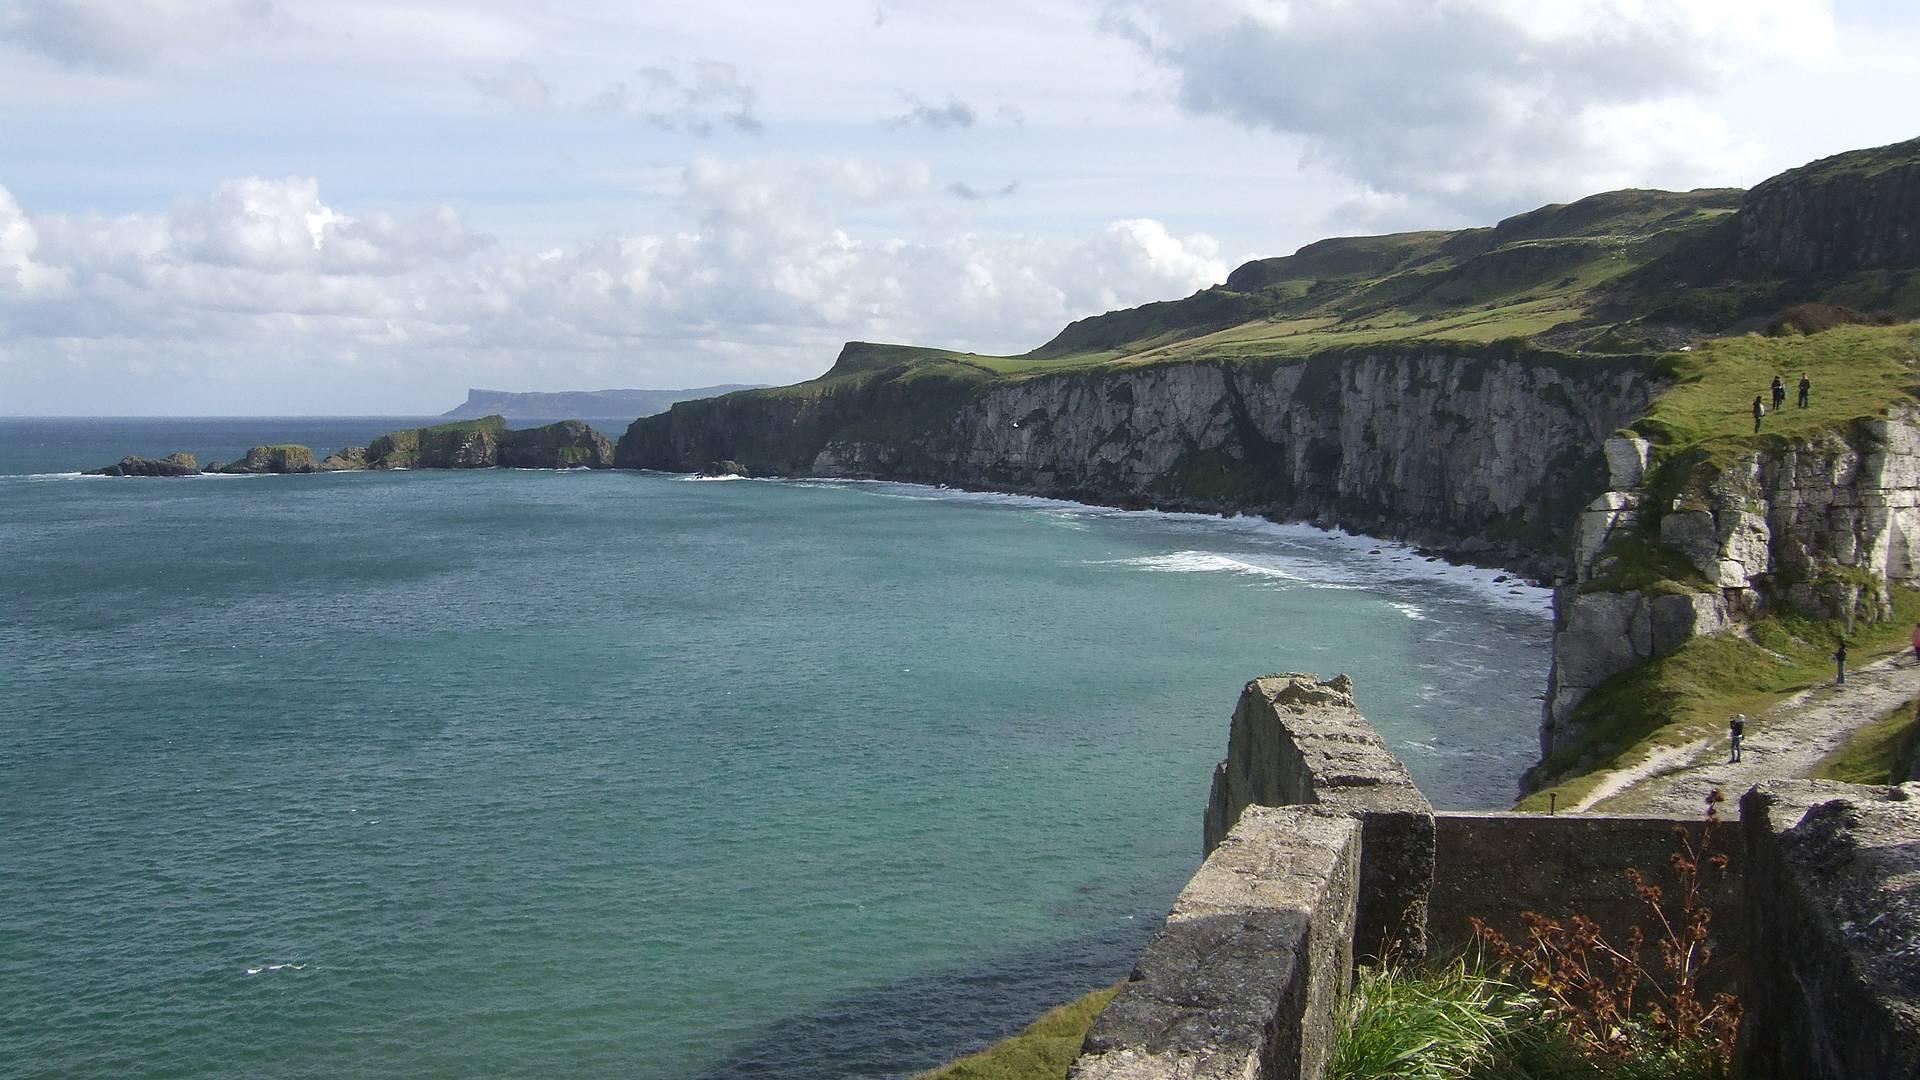 Dublín, Juego de Tronos, La Costa Oeste y Las Islas Aran